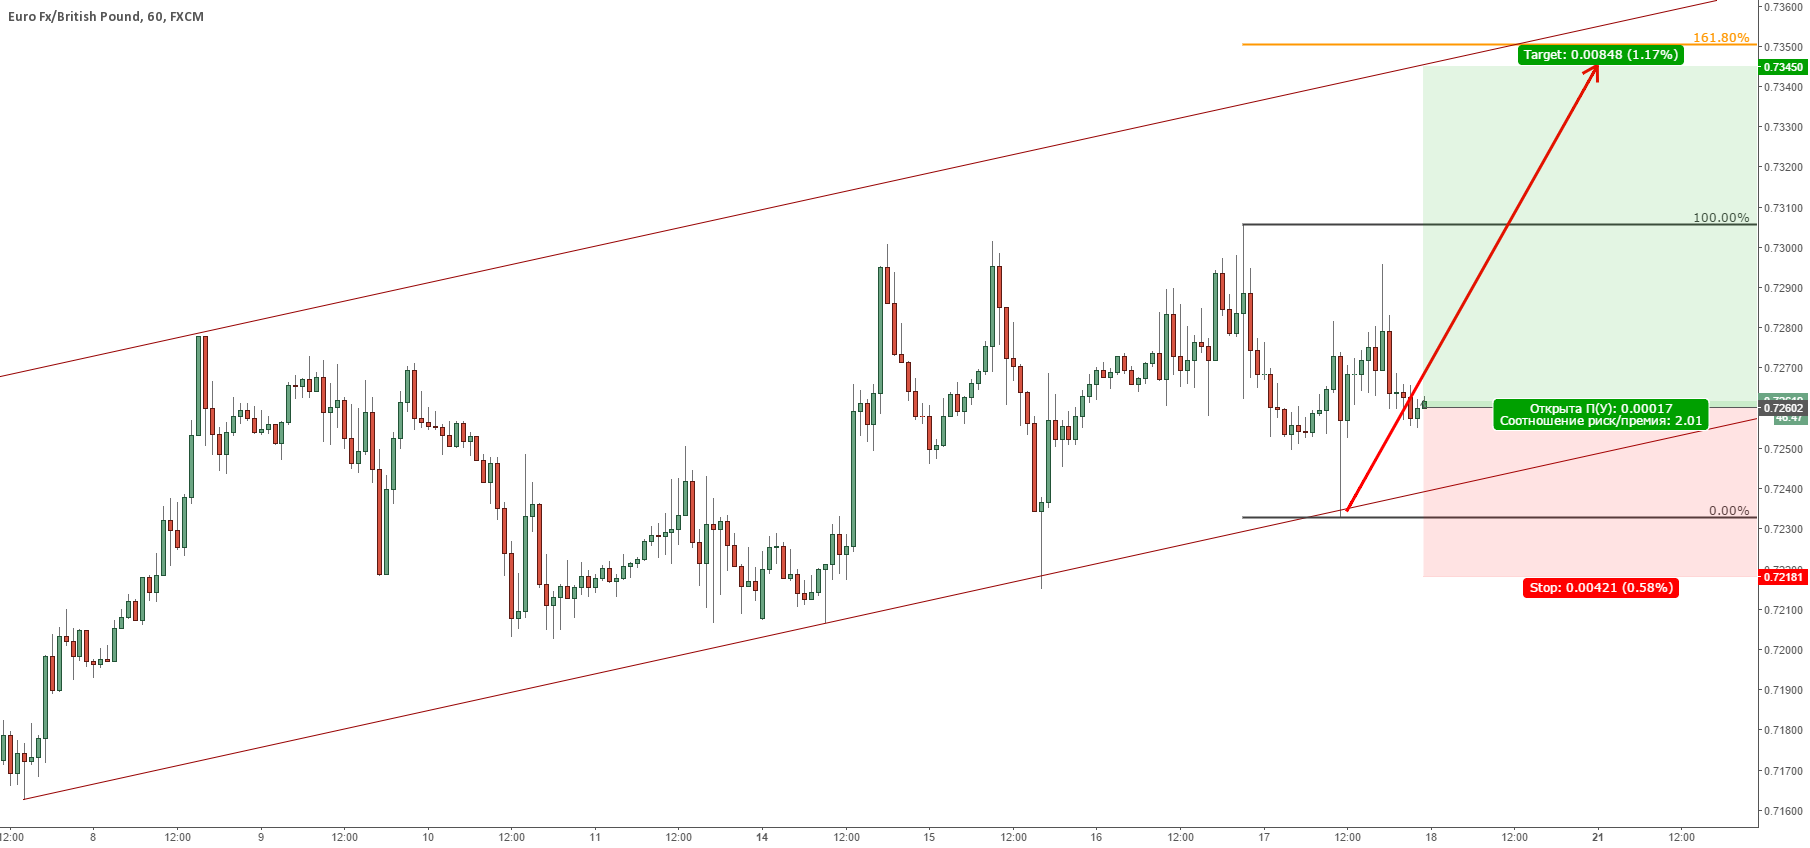 EURGBP возможно последняя волна перед сильным падением